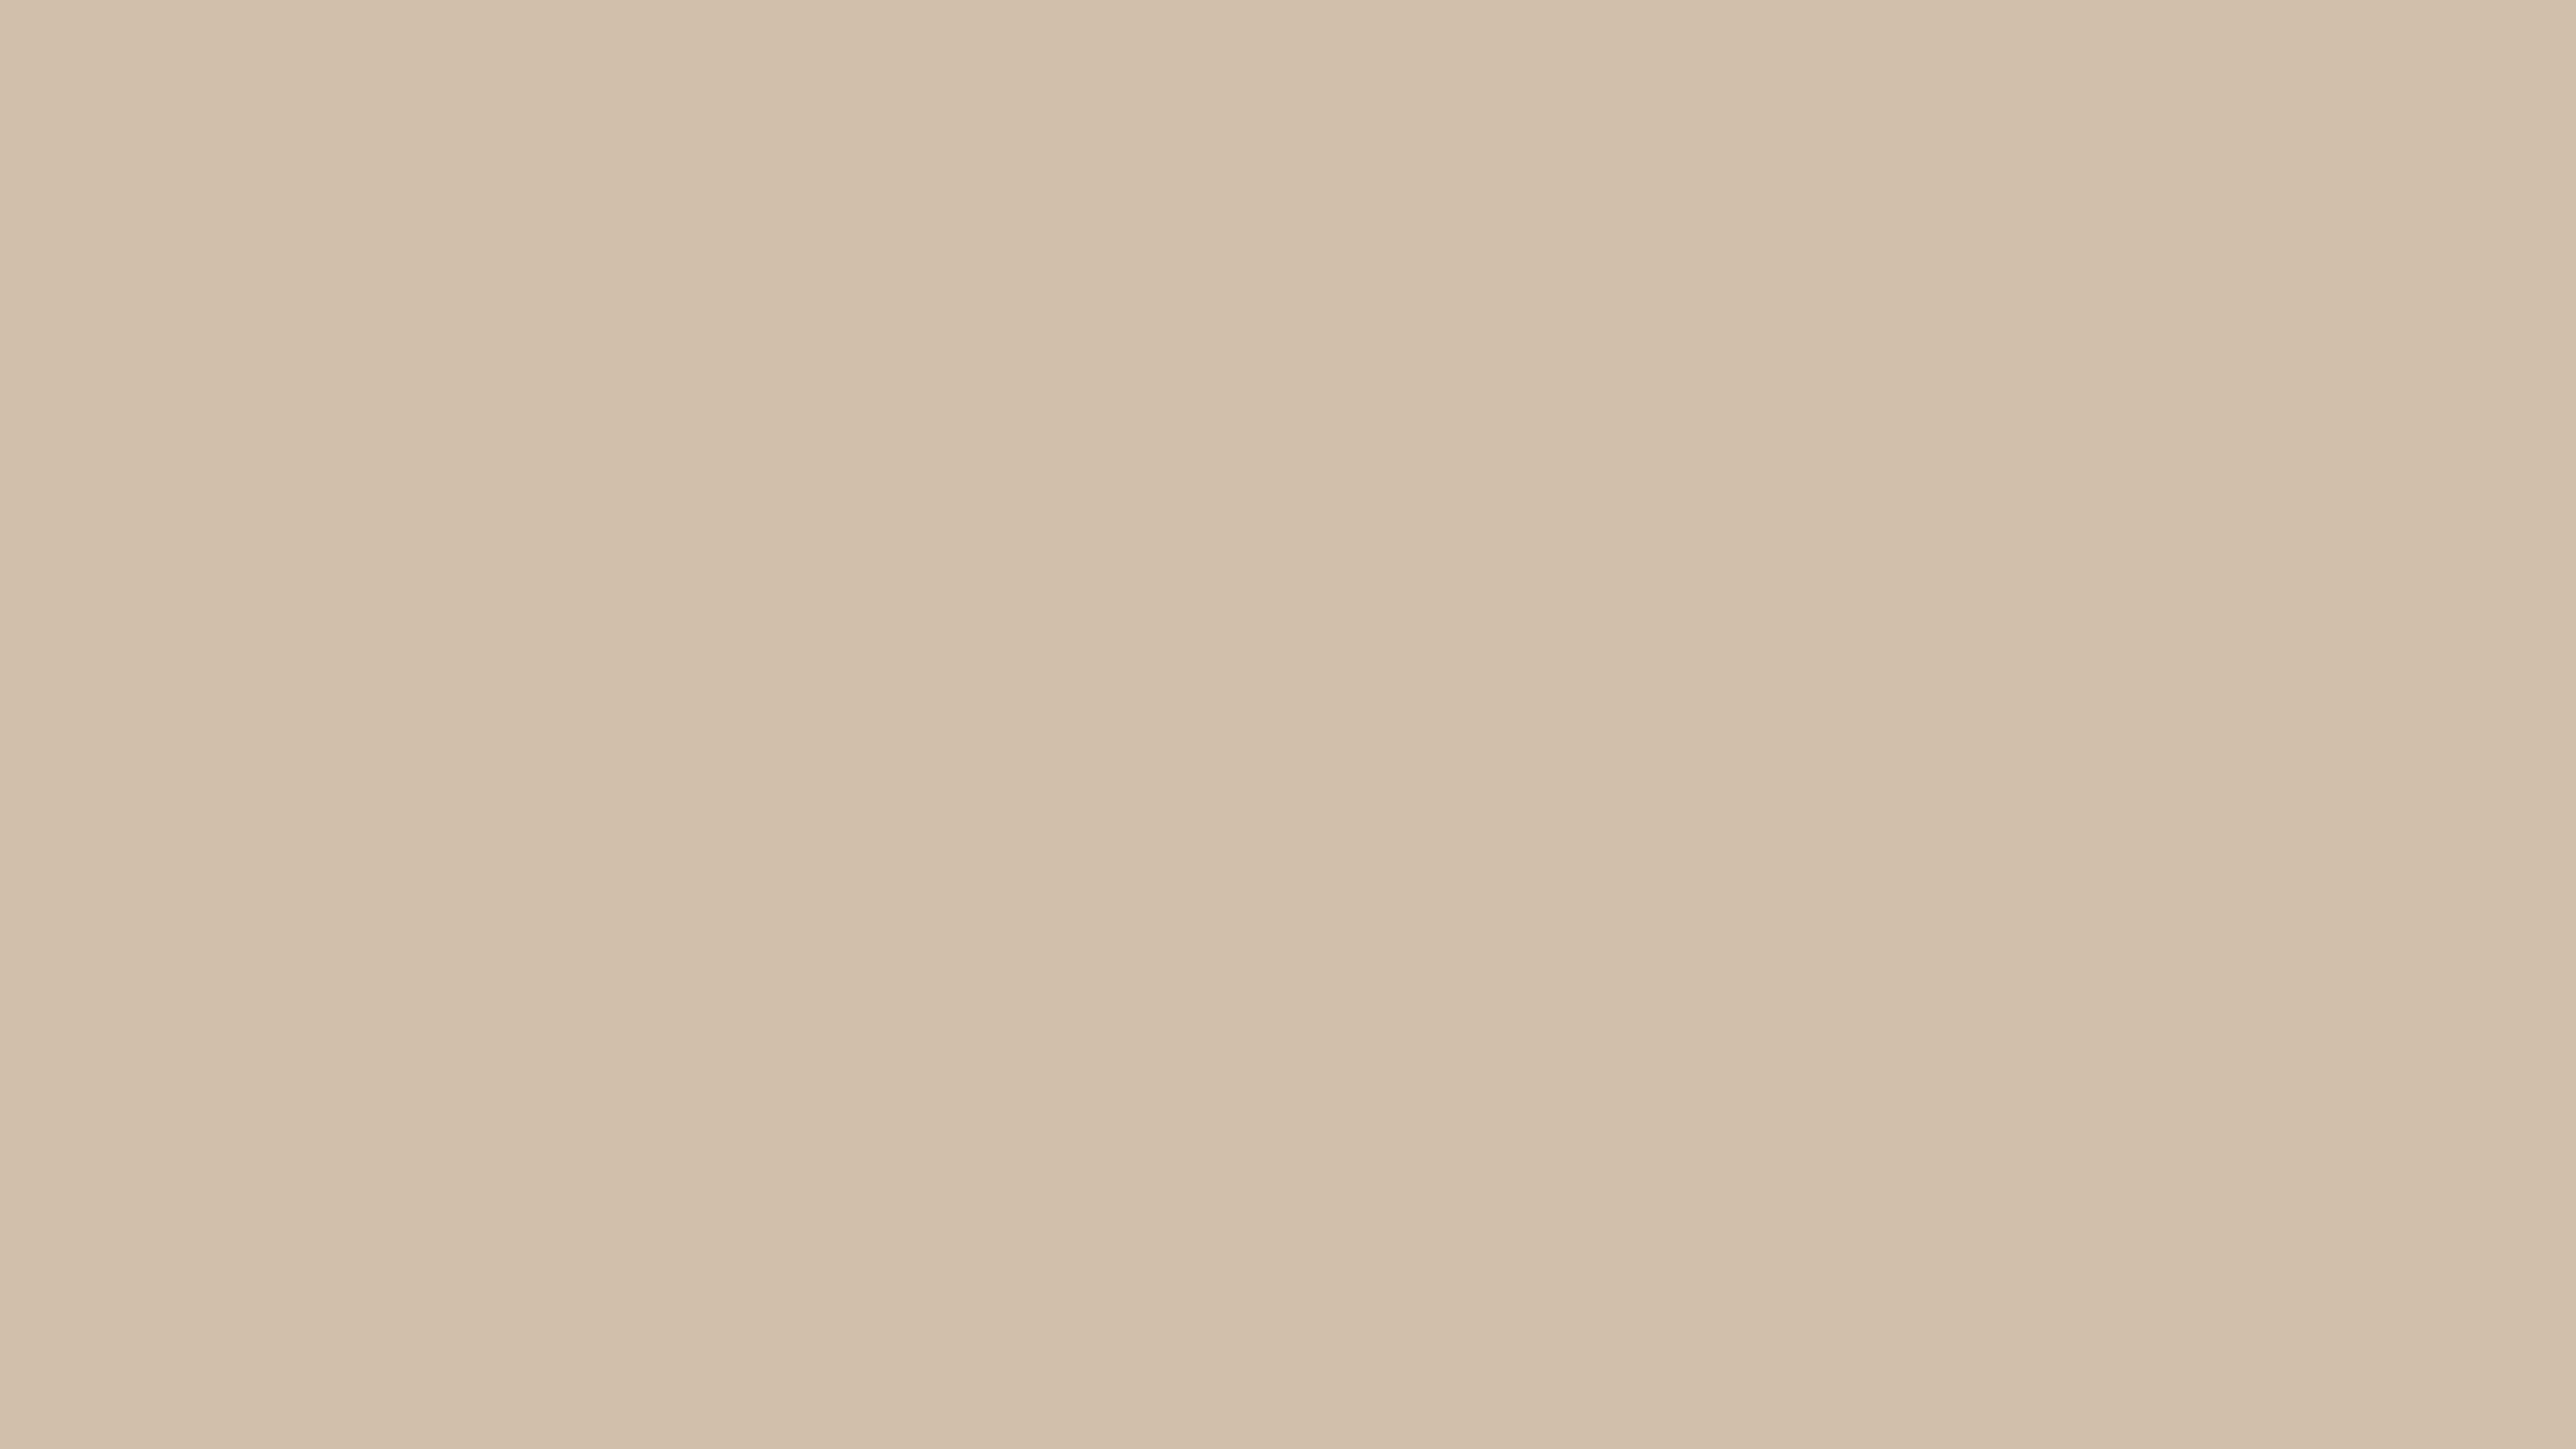 5120x2880 Dark Vanilla Solid Color Background